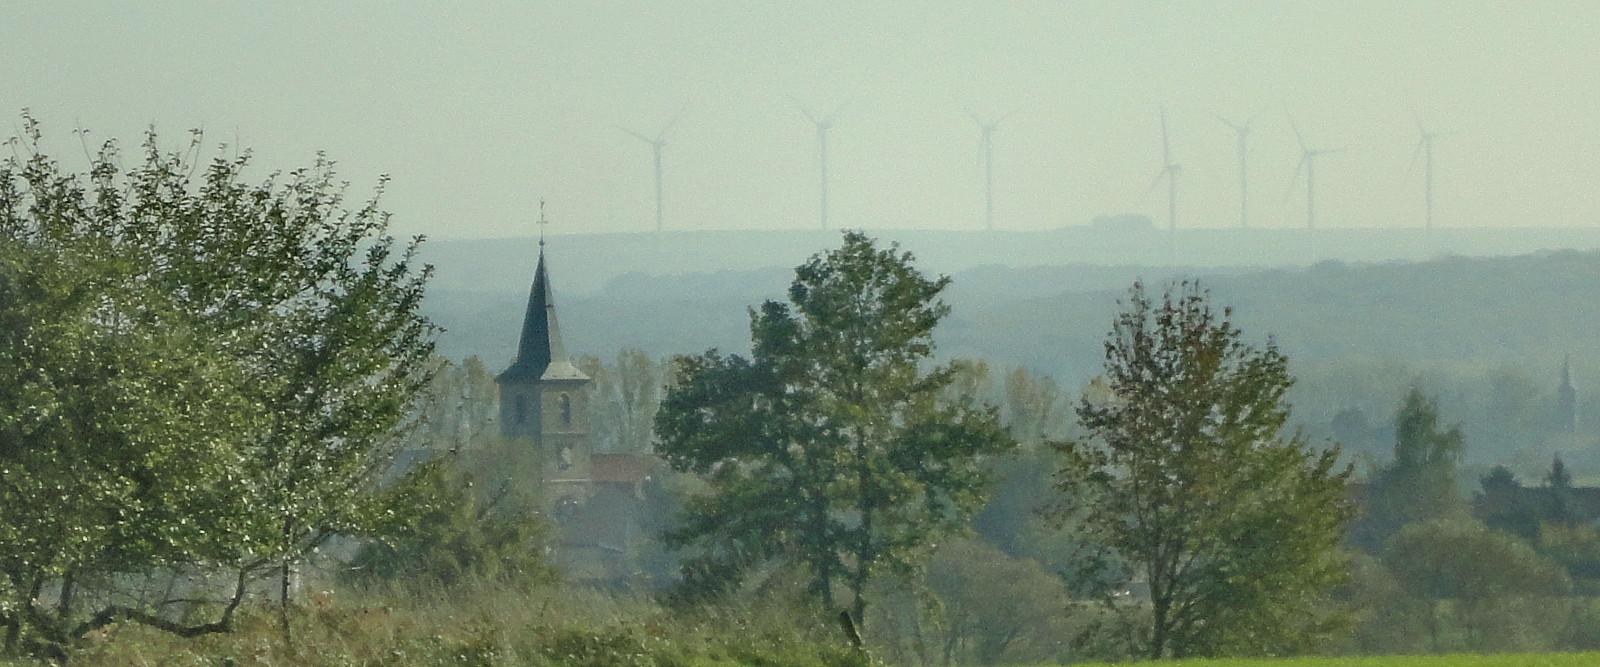 - VELVING - Histoire et Généalogie d'un village au Pays de Nied